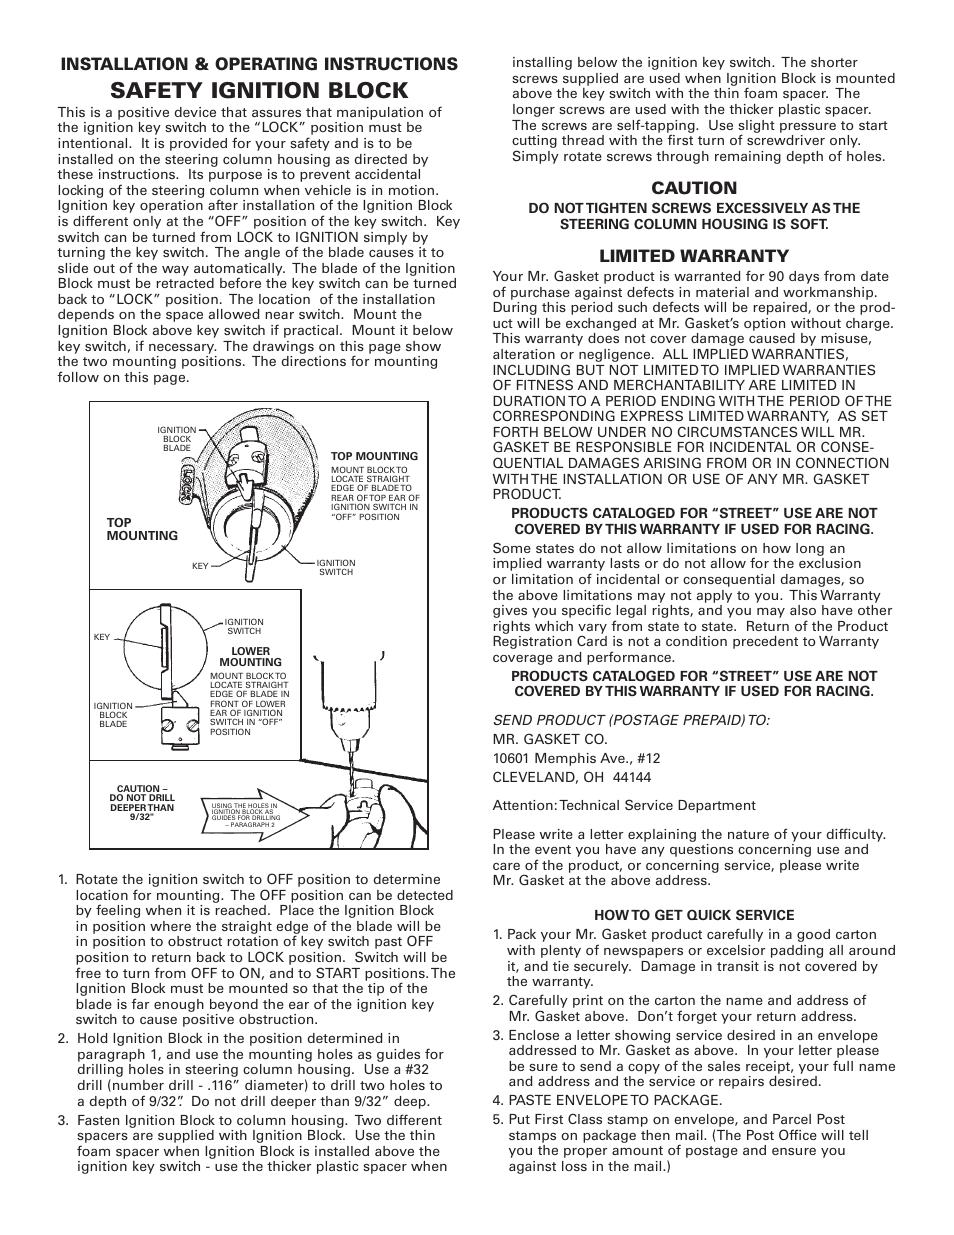 mr gasket 7668 instructions